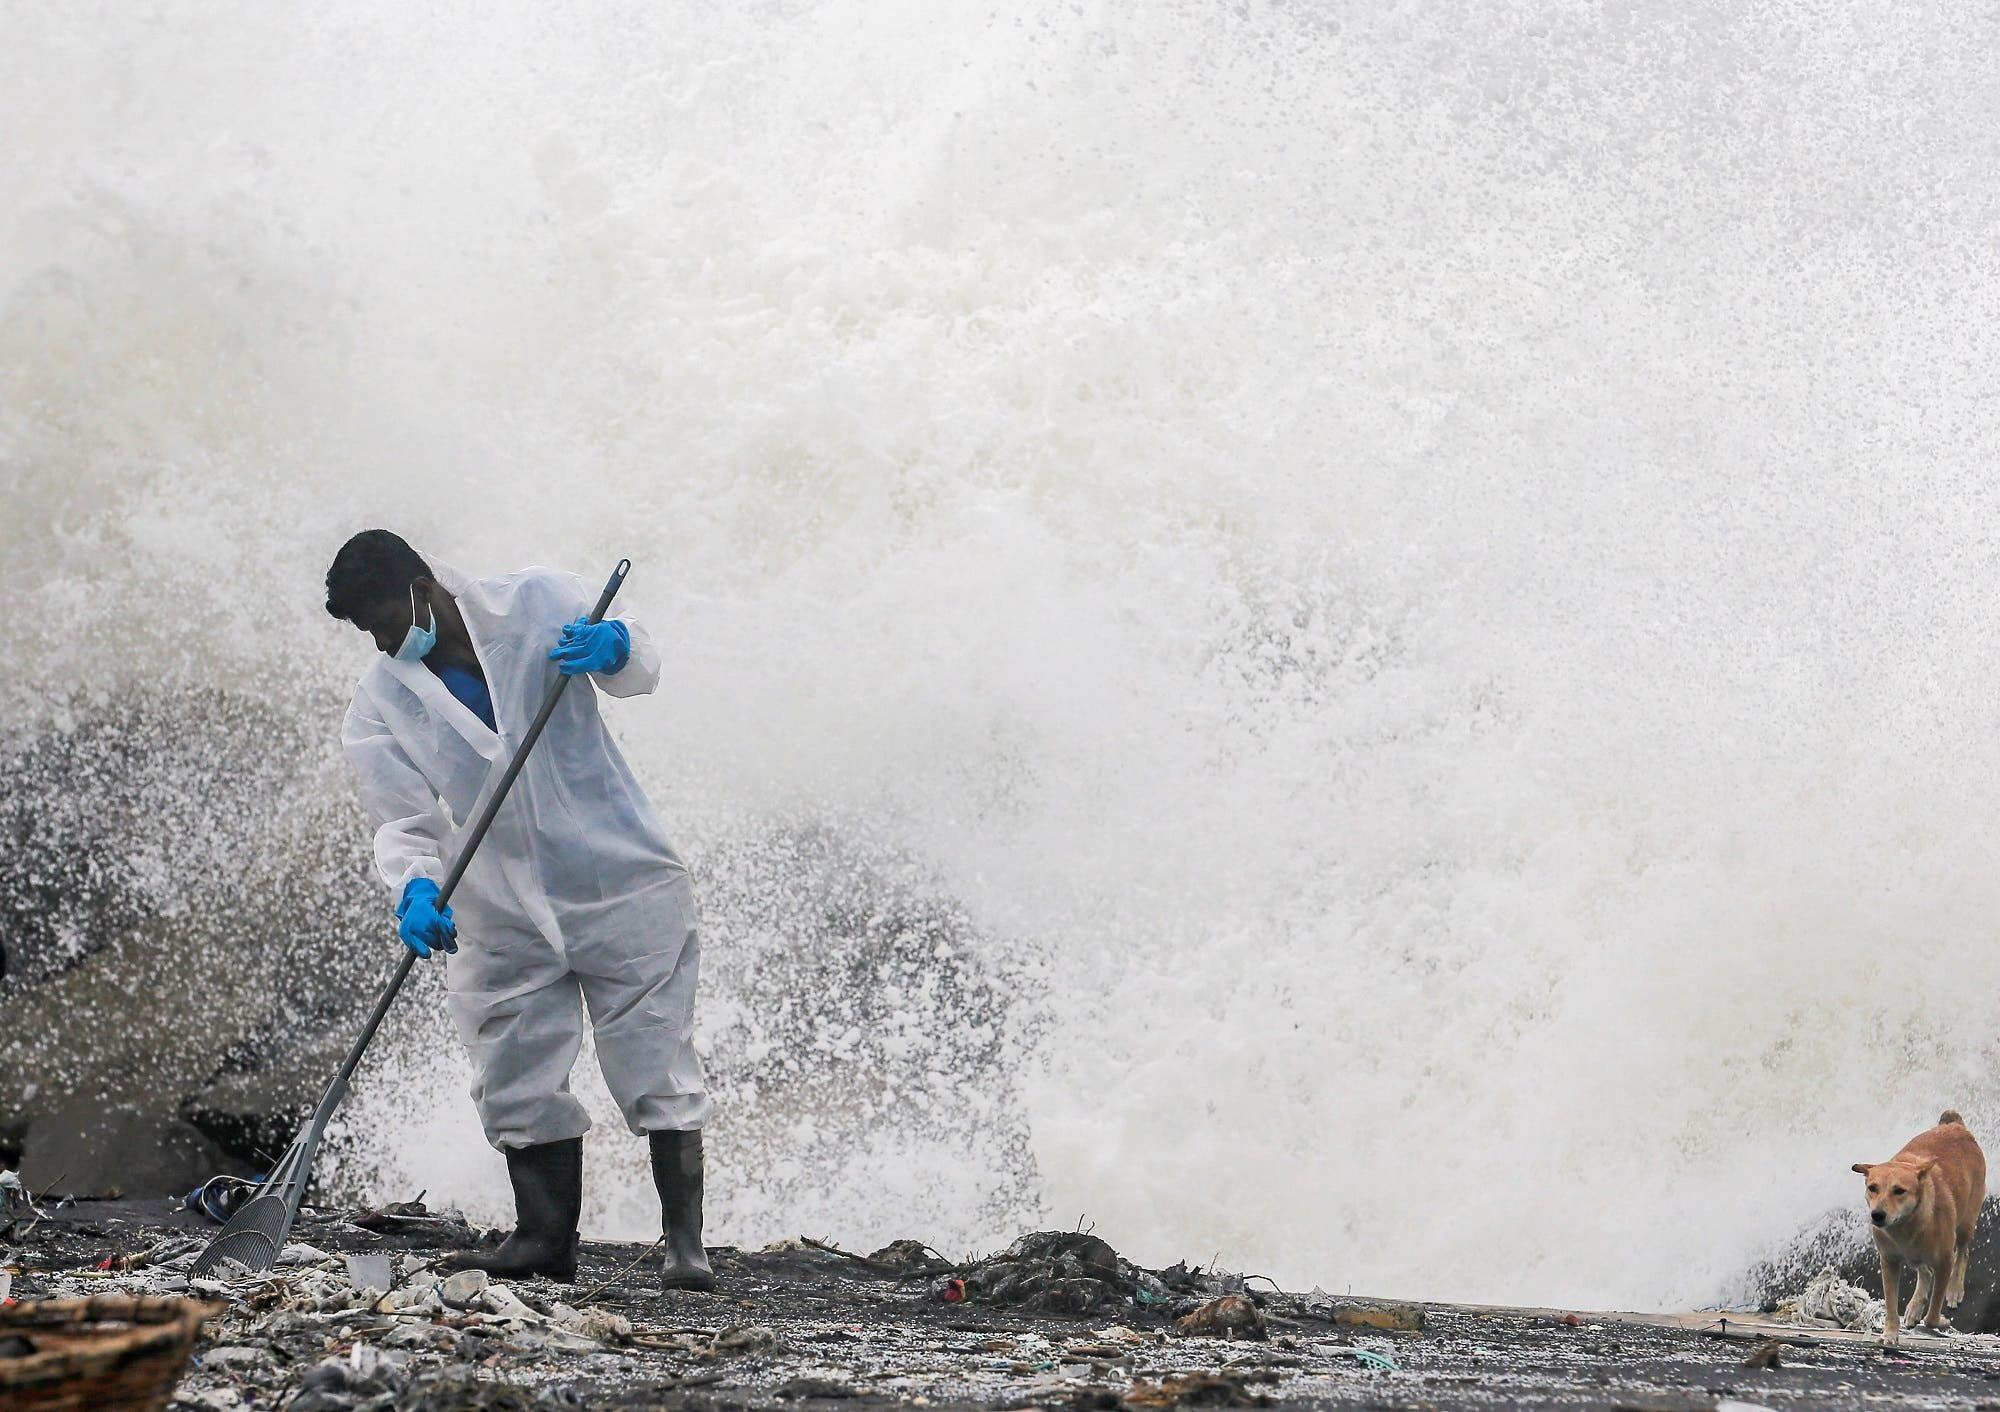 أحد أفراد البحرية السريلانكية يقوم بإزالة الحطام الذي وصل إلى الشاطئ من سفينة أكس - برس بيرل (أرشيفية من رويترز)